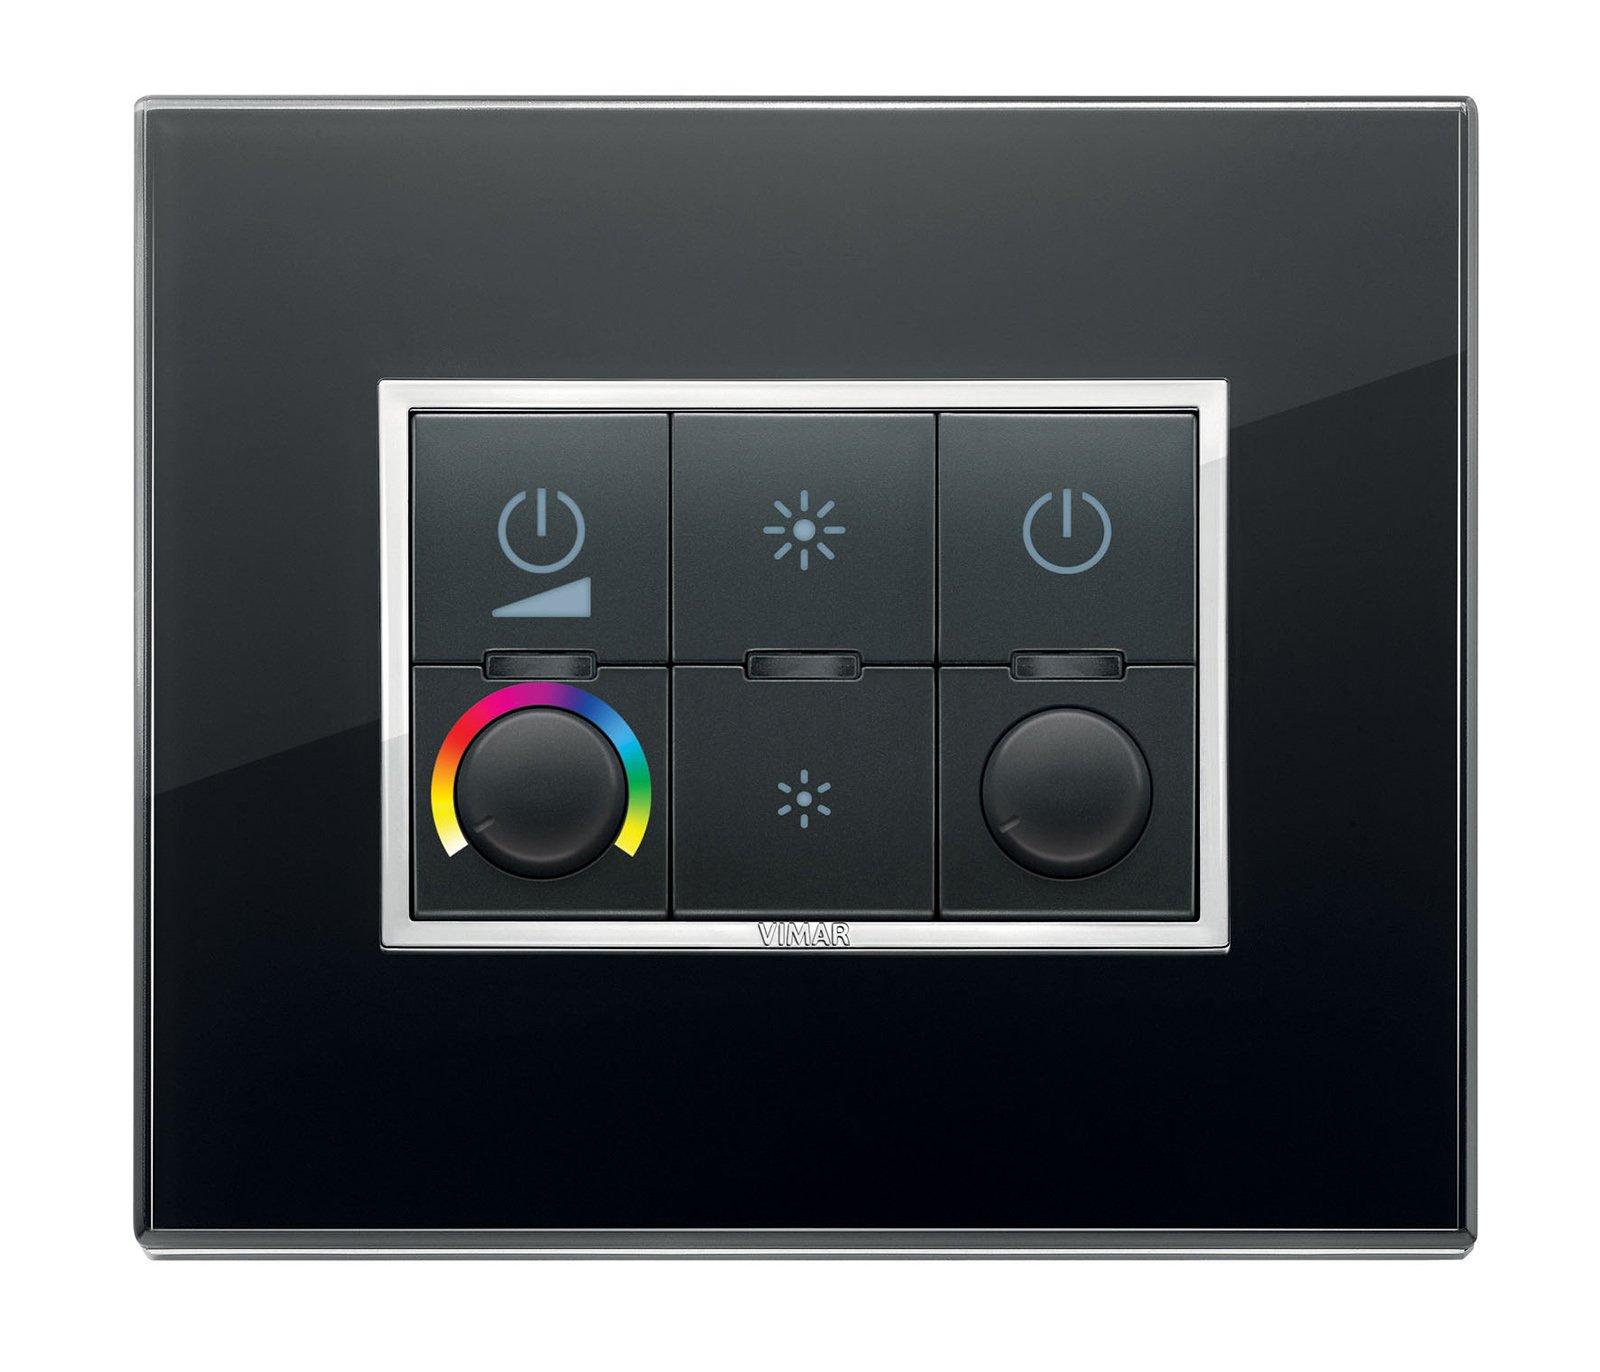 Sistemi domotici ora anche per combinare luci colori e - Luci per la casa ...